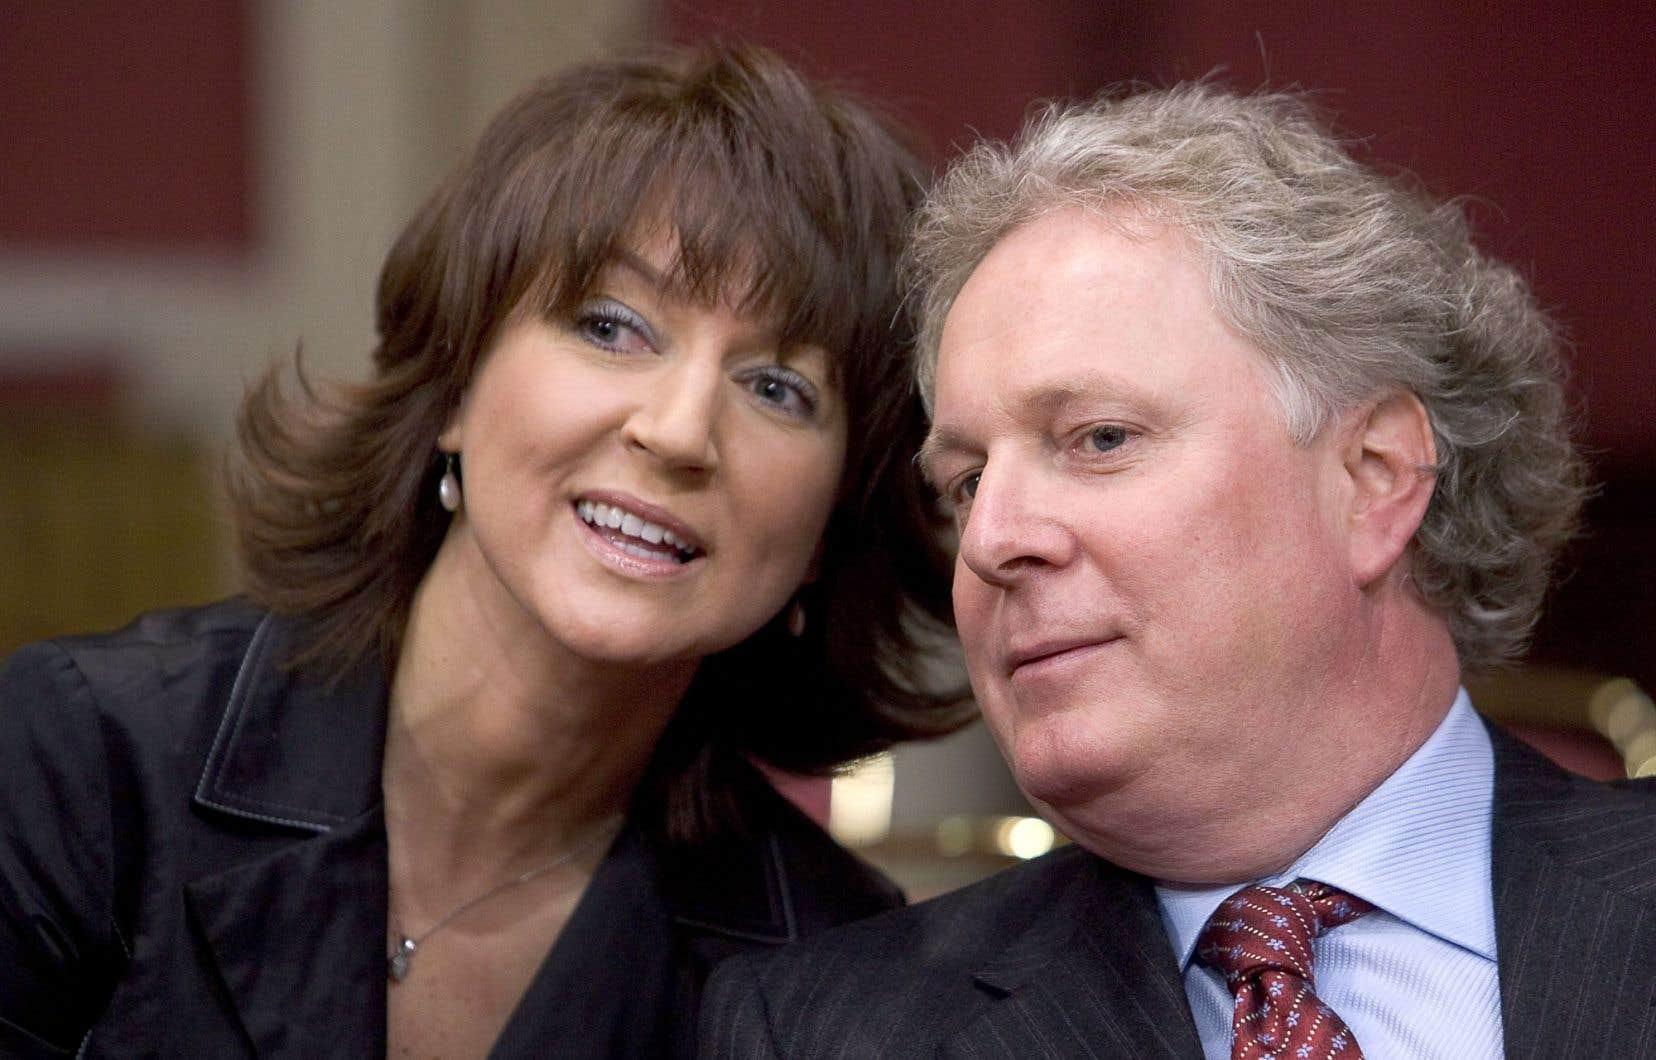 L'ancien premier ministre Jean Charest, qui avait nommé Nathalie Normandeau au poste de ministre, est présentement à l'extérieur du pays. Il ne fera «aucun commentaire», a indiqué l'un de ses collaborateurs au bureau d'avocats McCarthy Tétrault, Grégory Larroque.